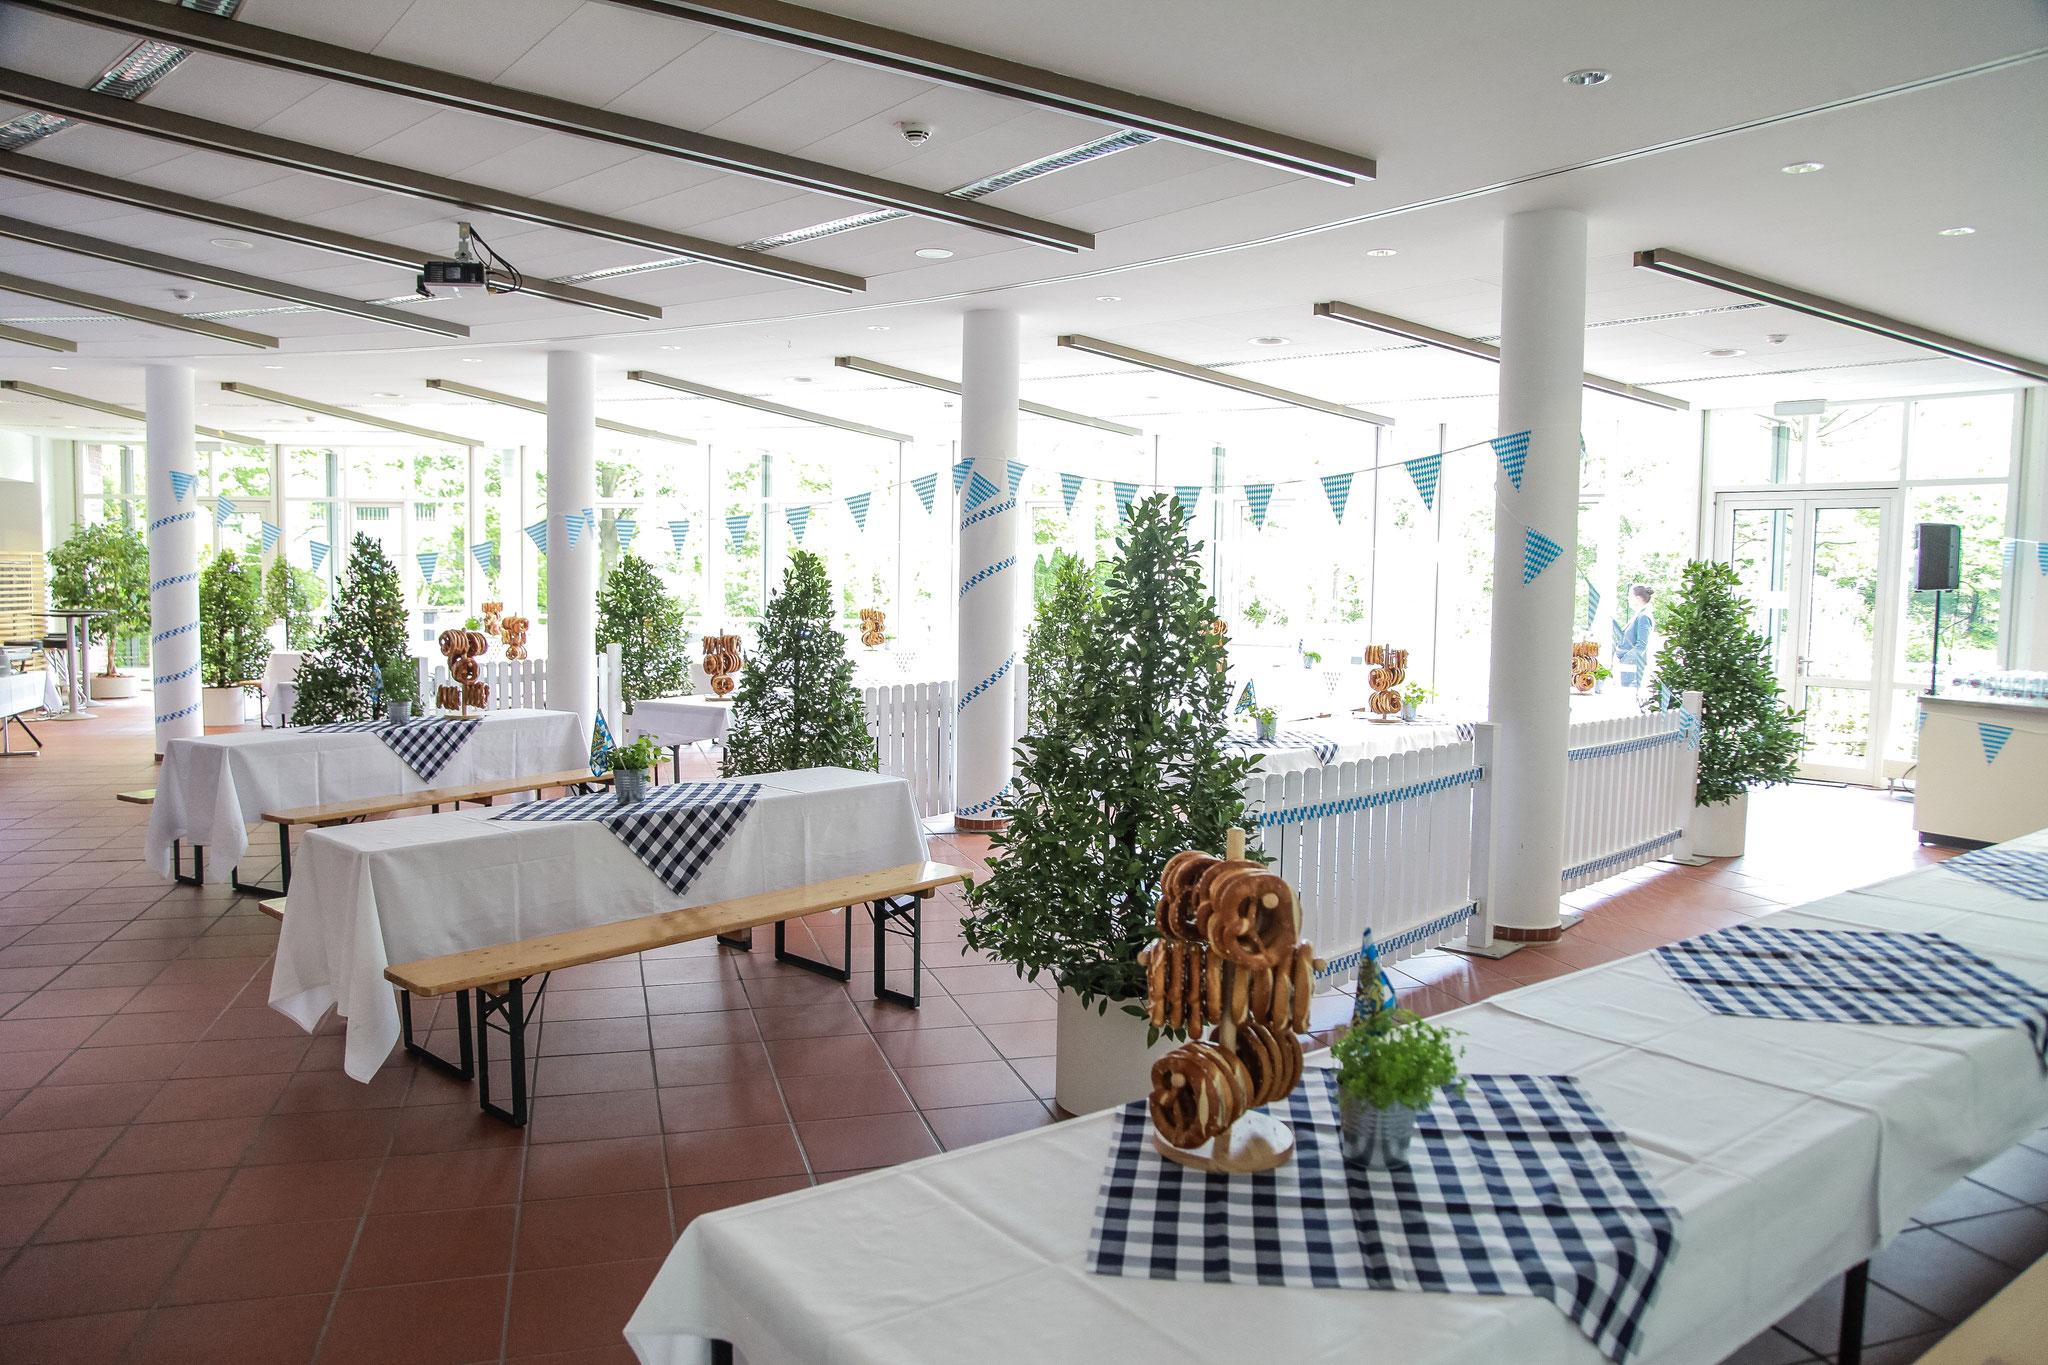 """<h1>Mobiles Oktoberfest!</h1> Ihr Oktoberfest mit zünftig dekorierten Tischen und Bretzeln! <a href=""""https://www.highlight-eventoffice.eu/leistungen/eventkonzepte/mobiles-oktoberfest/""""><b>Weitere Infos zum Oktoberfest</b></a>"""